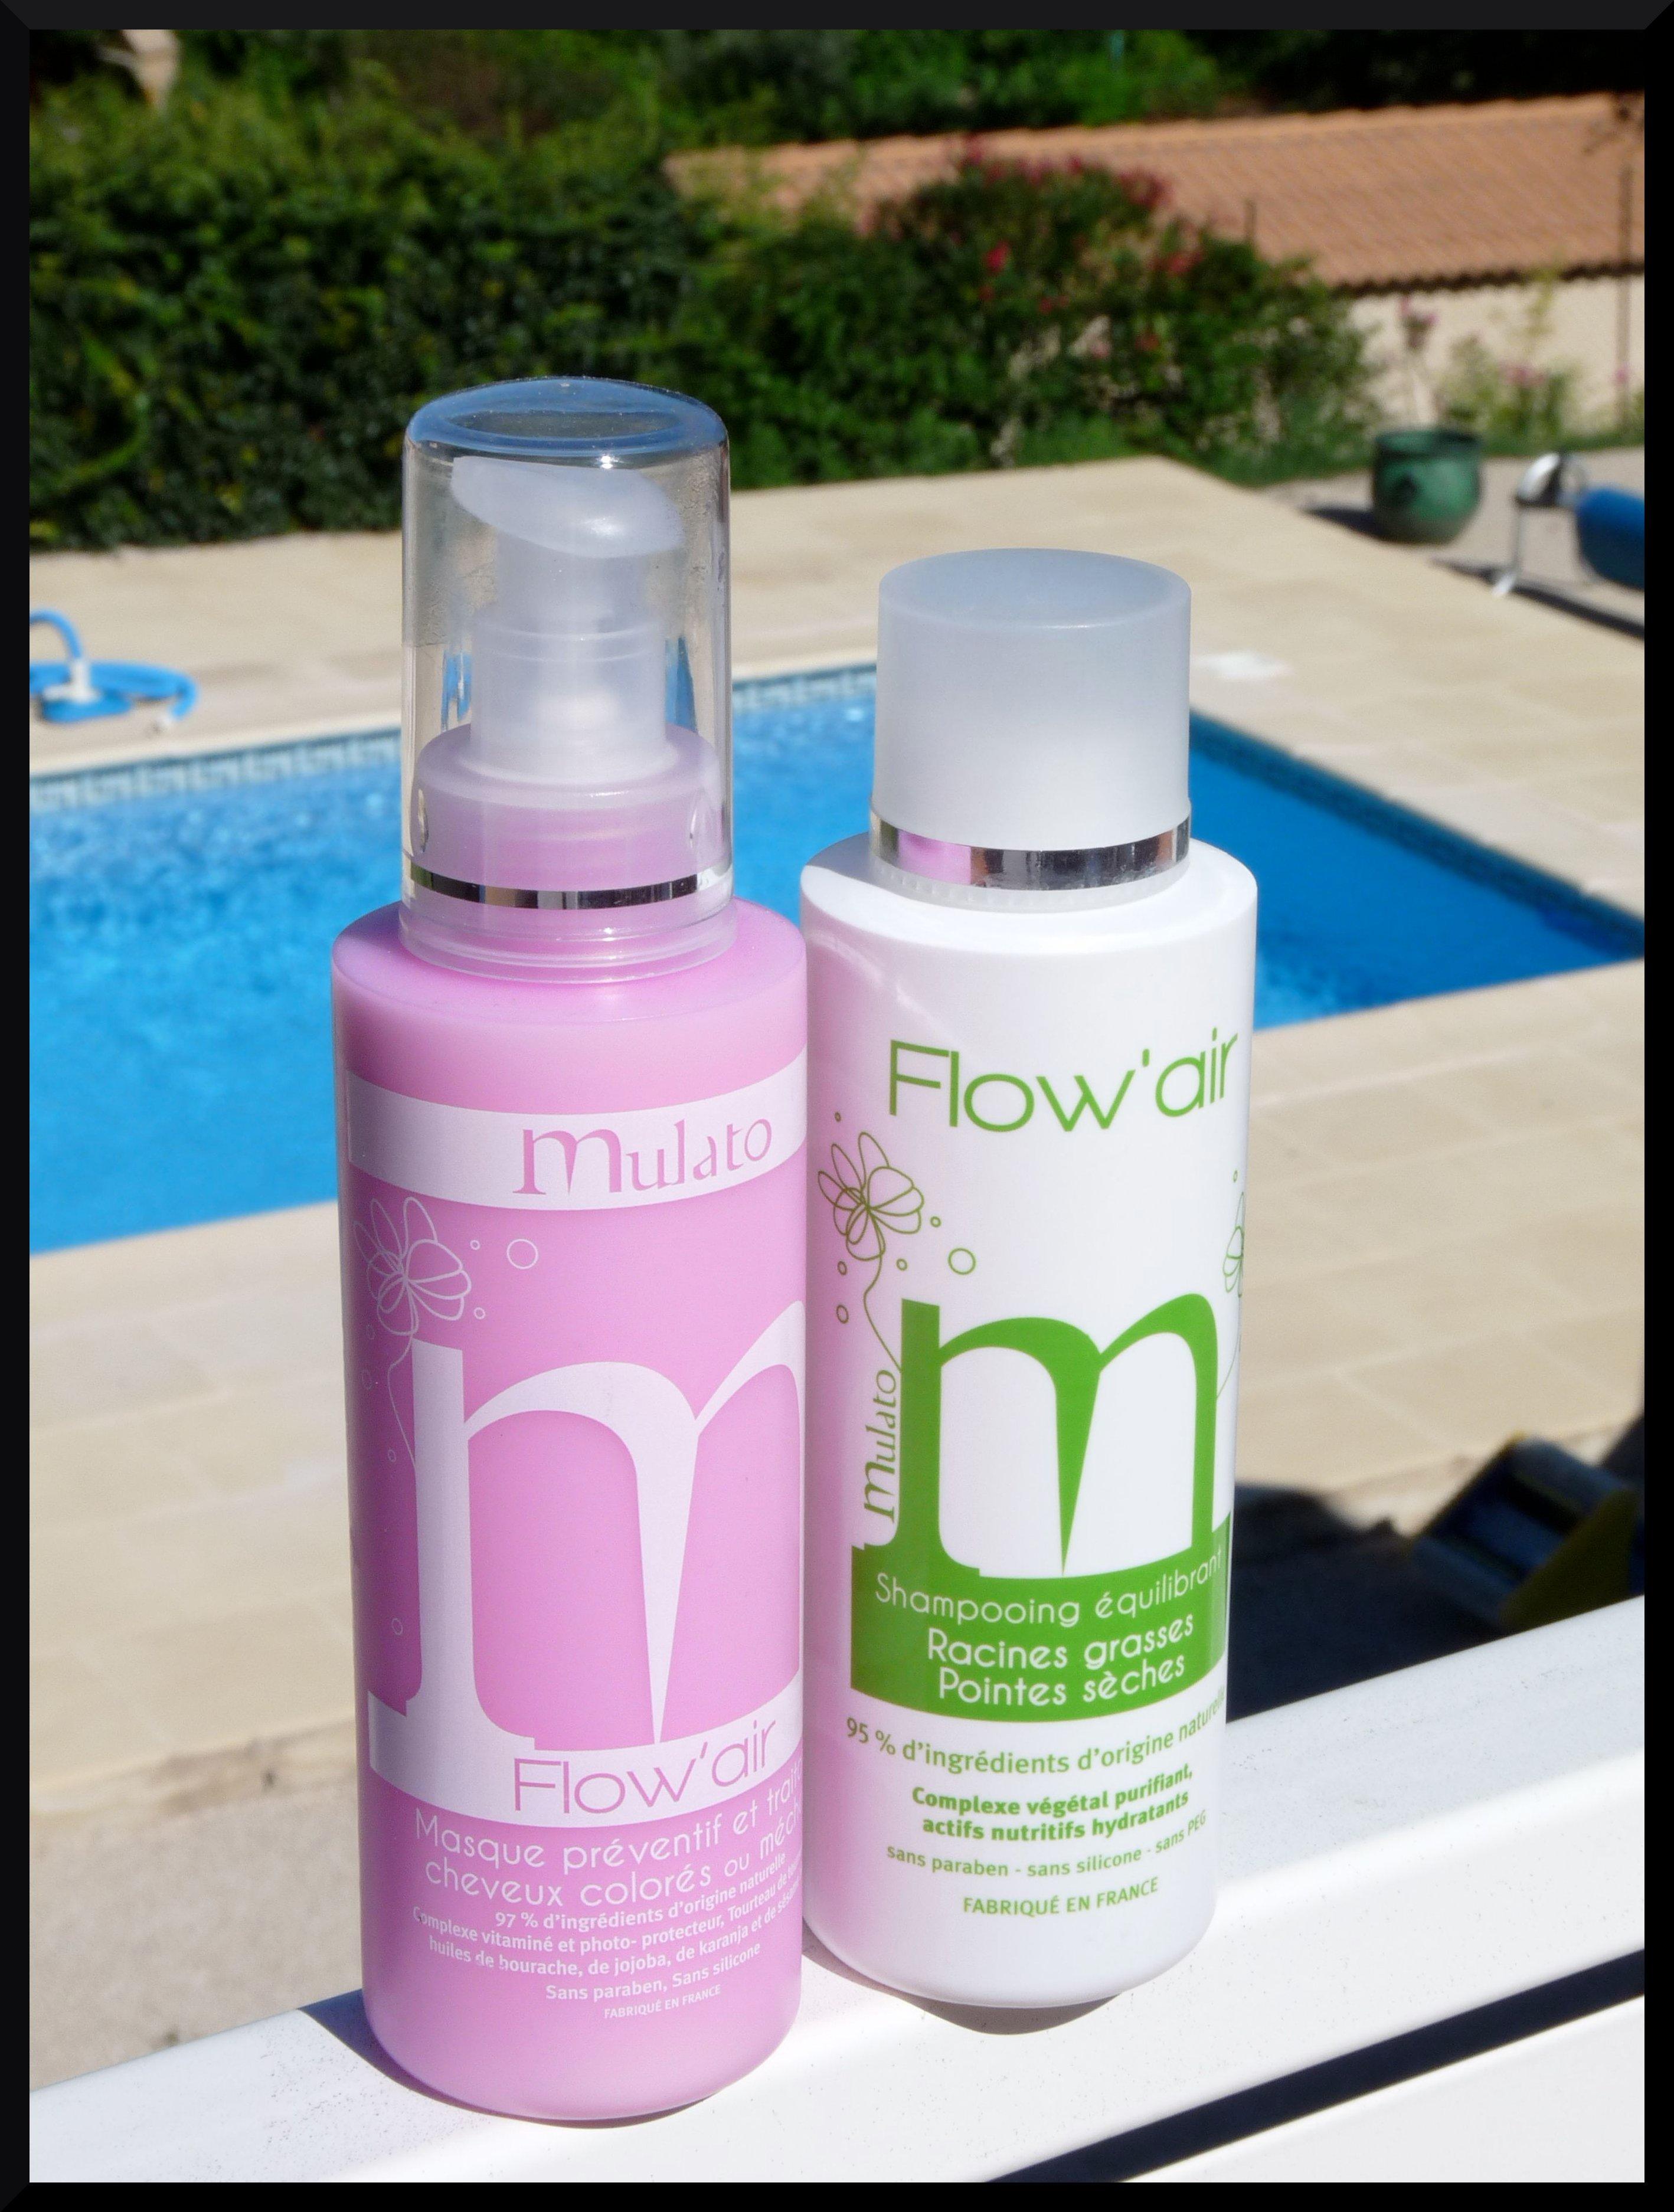 Mulato cosmetics shampooing équilibrant naturel